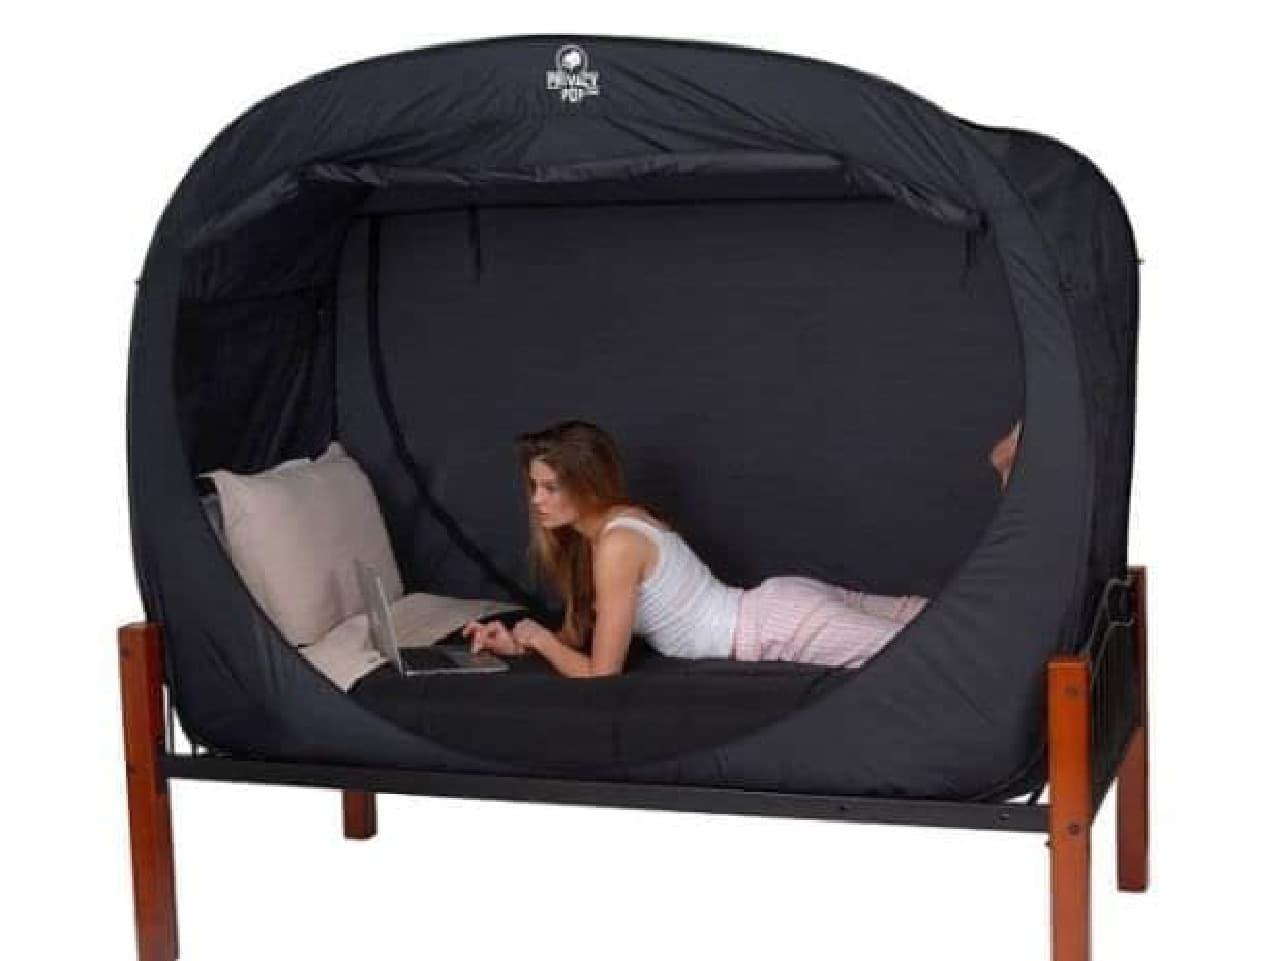 部屋で一人になれる「Privacy Pop Bed Tent」